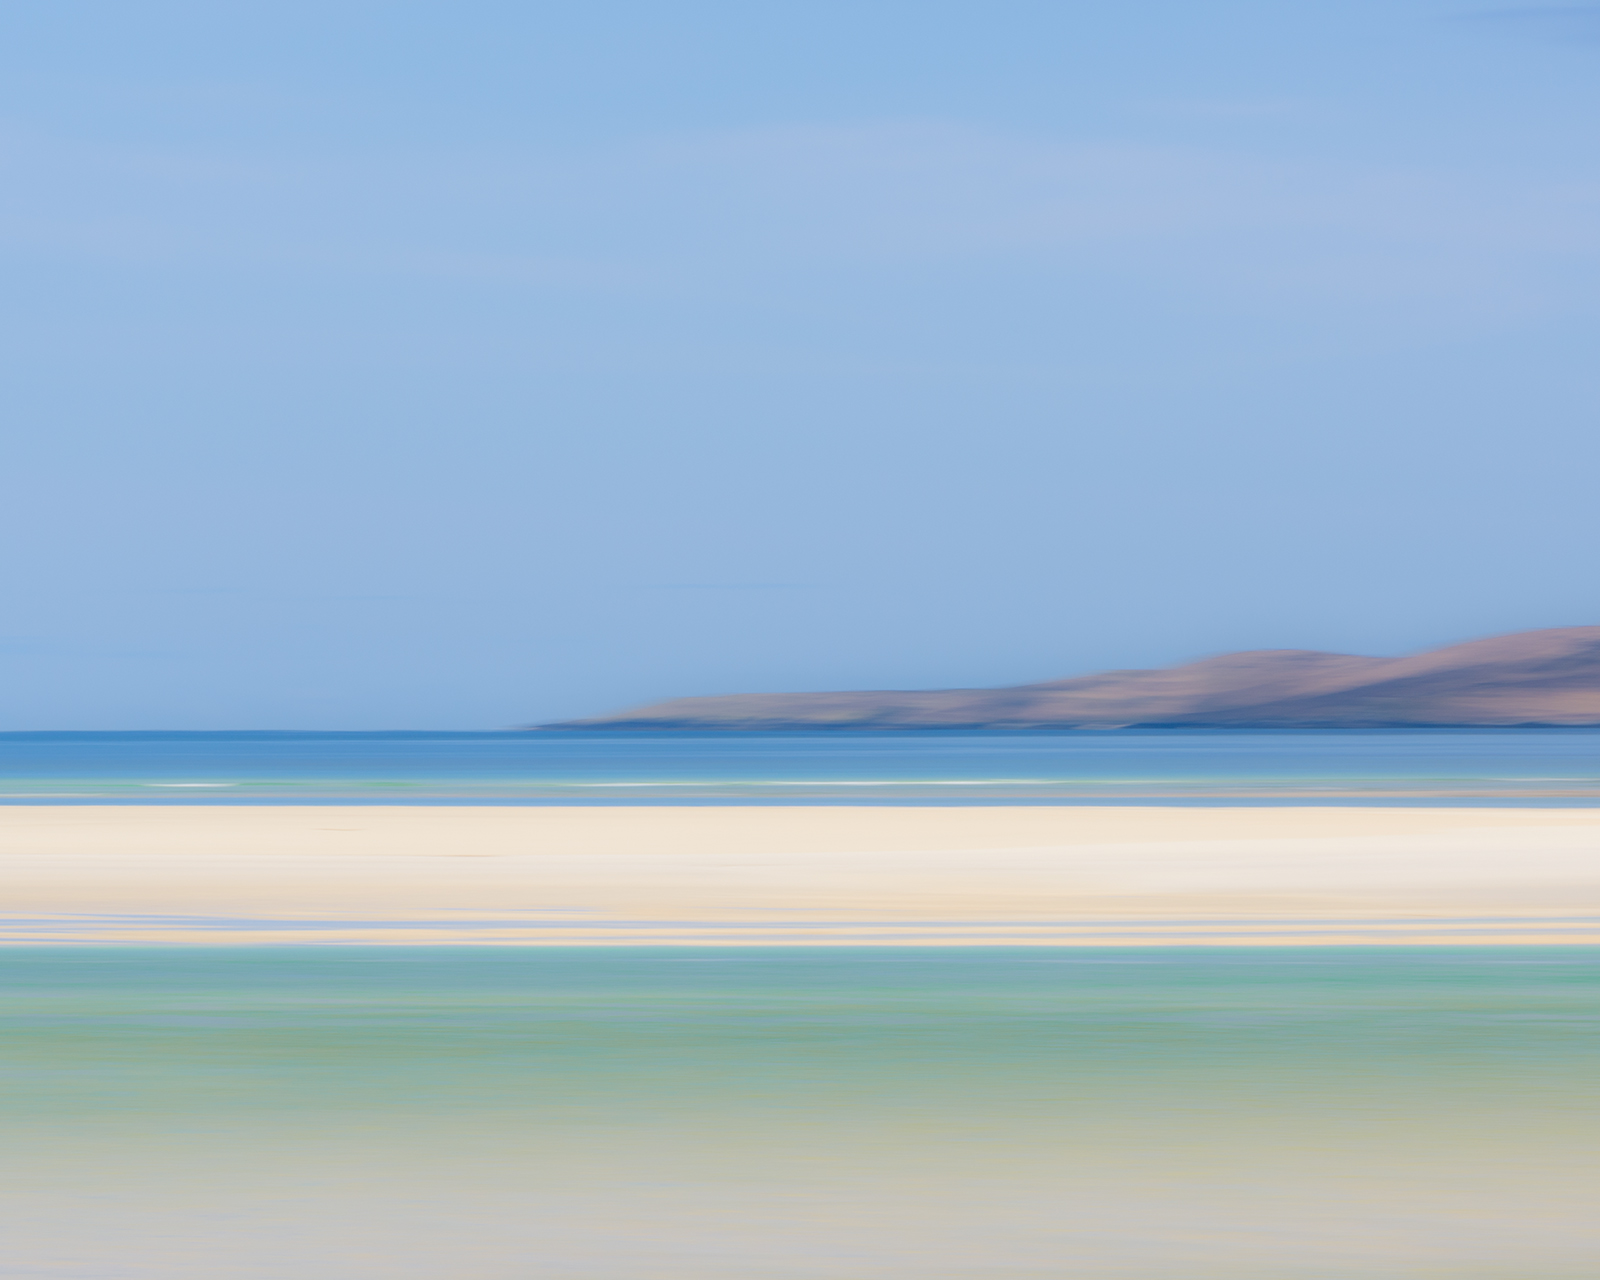 Luskentyre beach, Harris